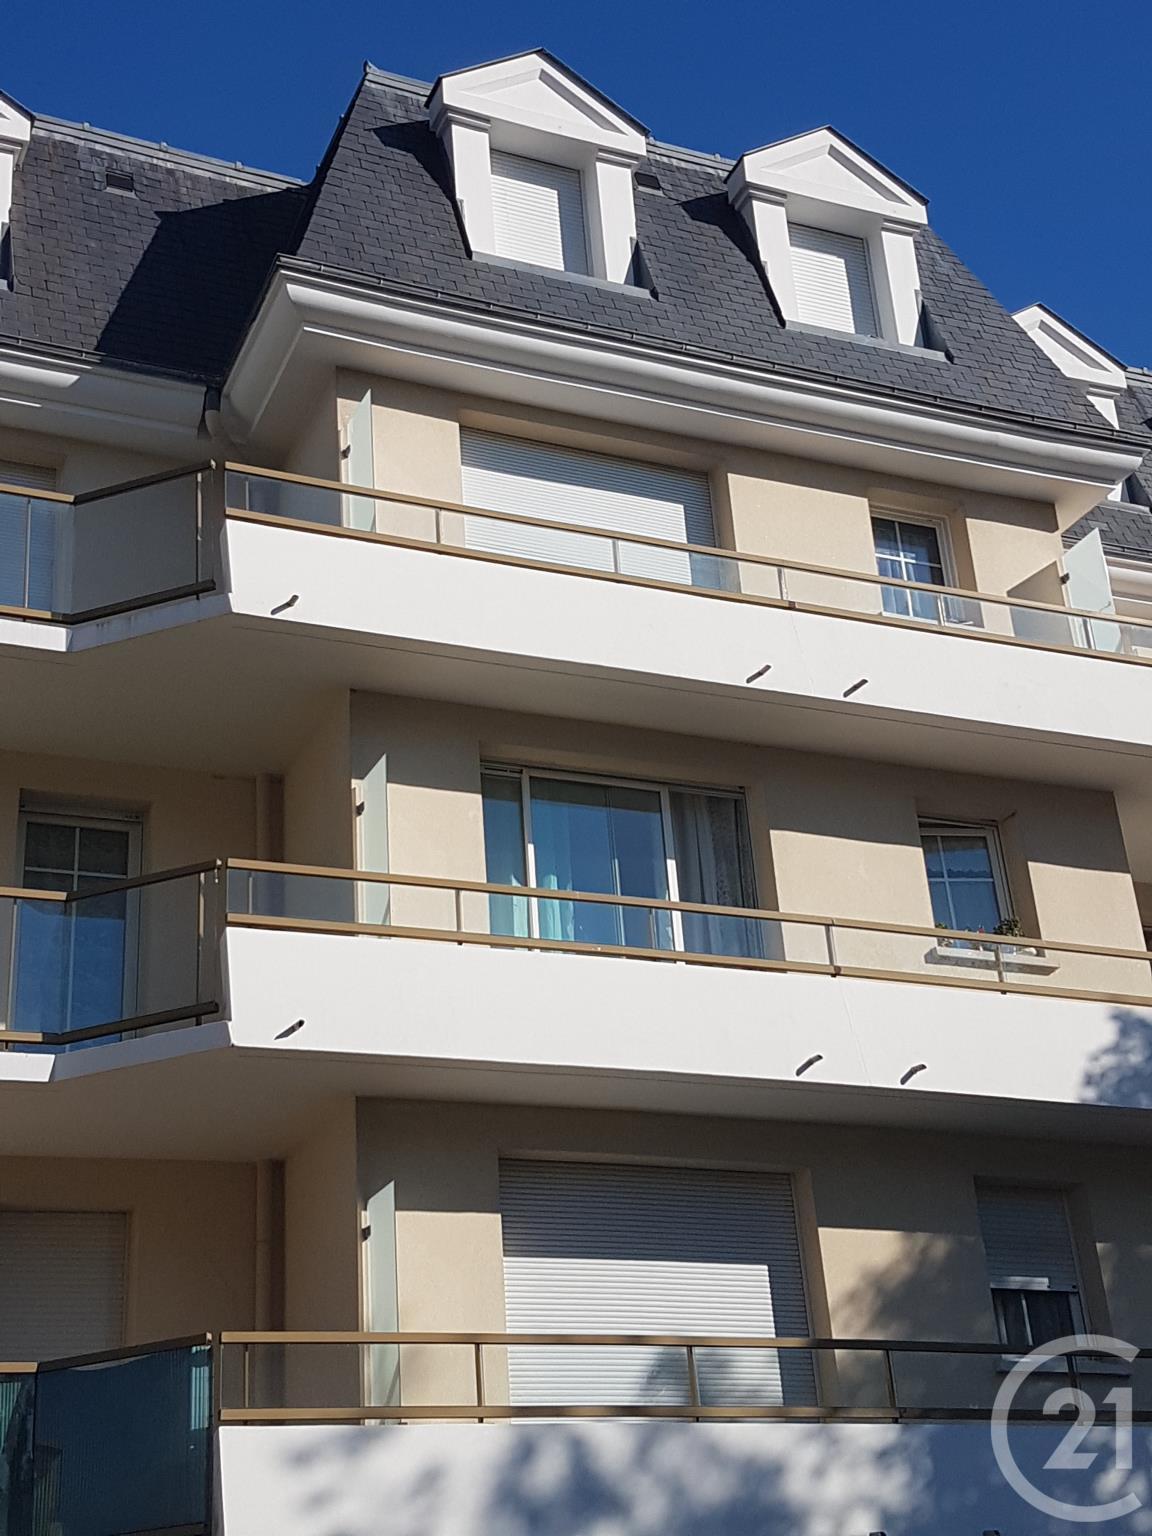 Appartement duplex vendre 3 pi ces 62 m2 vaujours for Appartement atypique ile de france